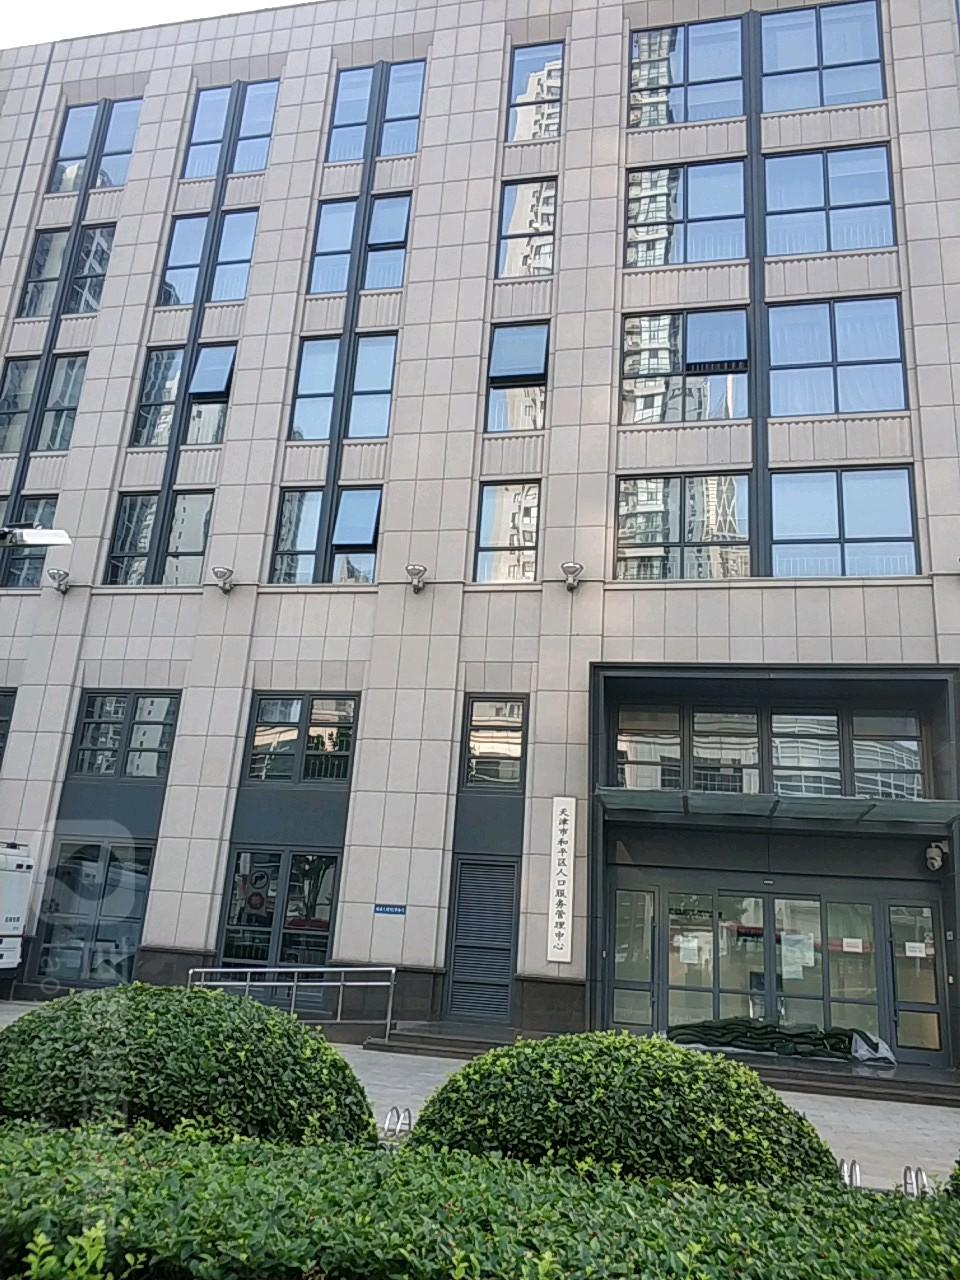 天津市西青区人口服务管理中心_天津居住证办理地点 西青区人口服务管理中心